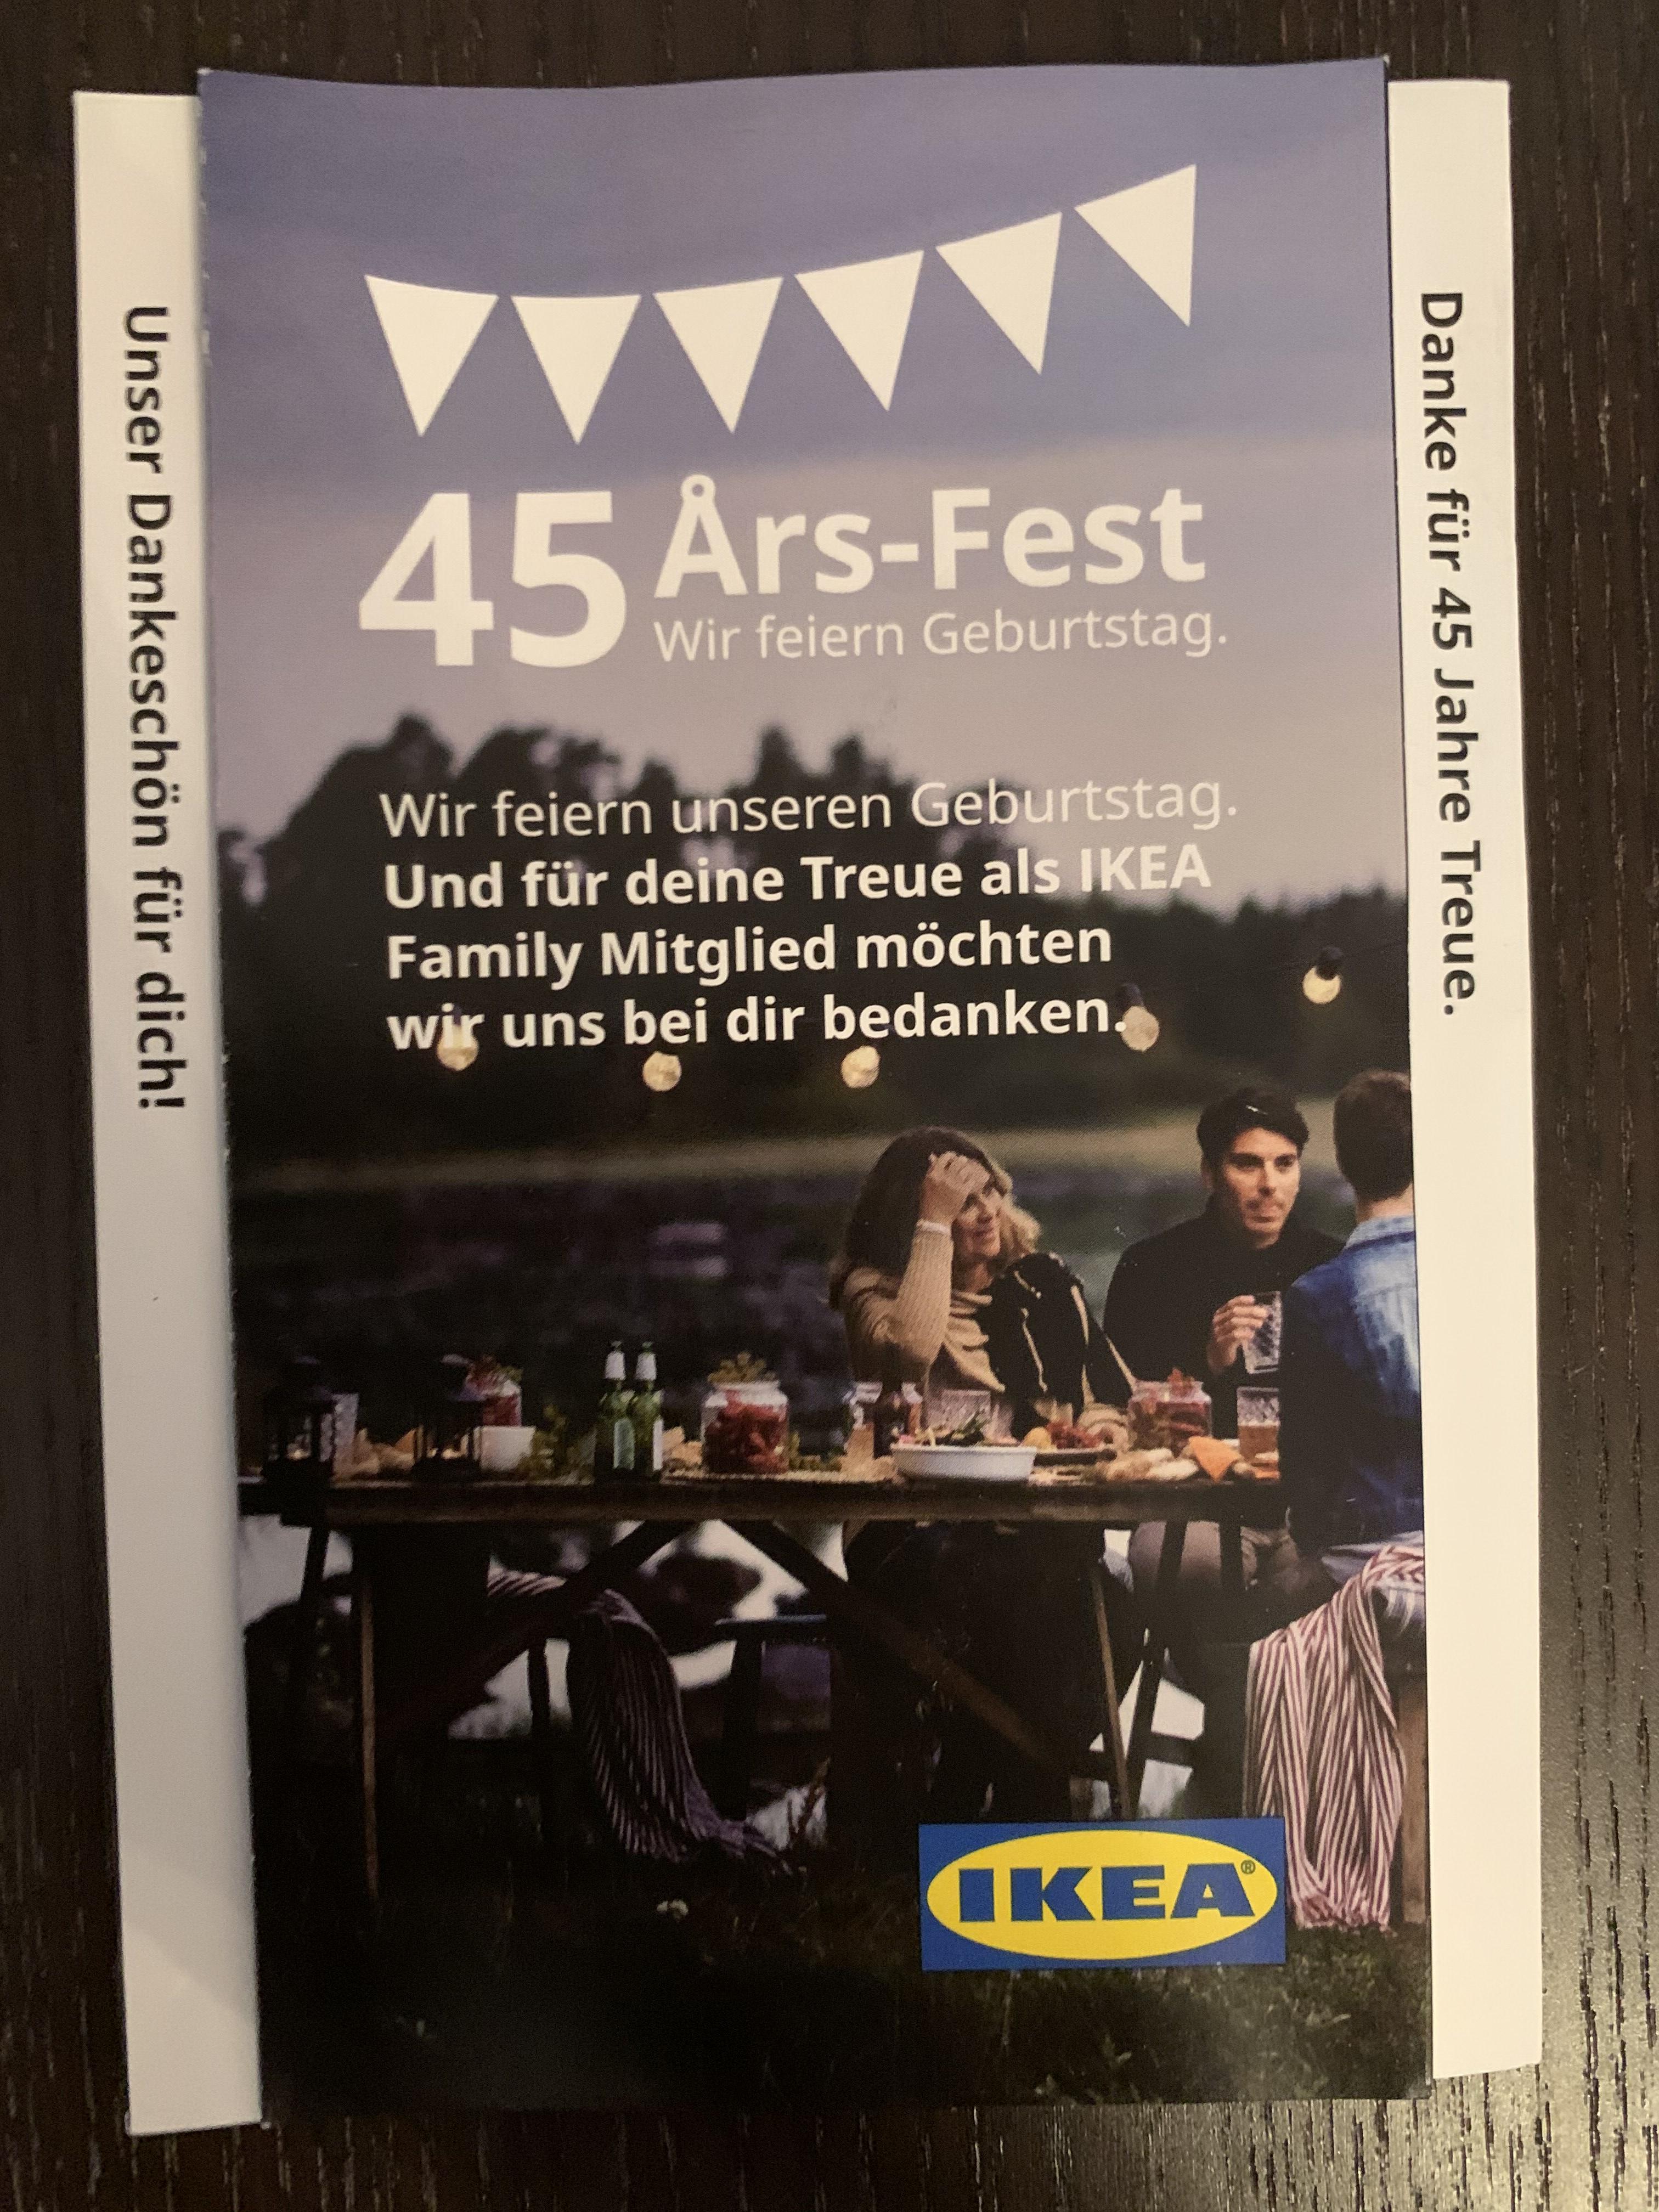 [Ikea - München-Eching] Gratis Hotdogs, Kerze und Zuckerhutfichte für 1€ mit Gutschein für Ikea Family Mitglieder